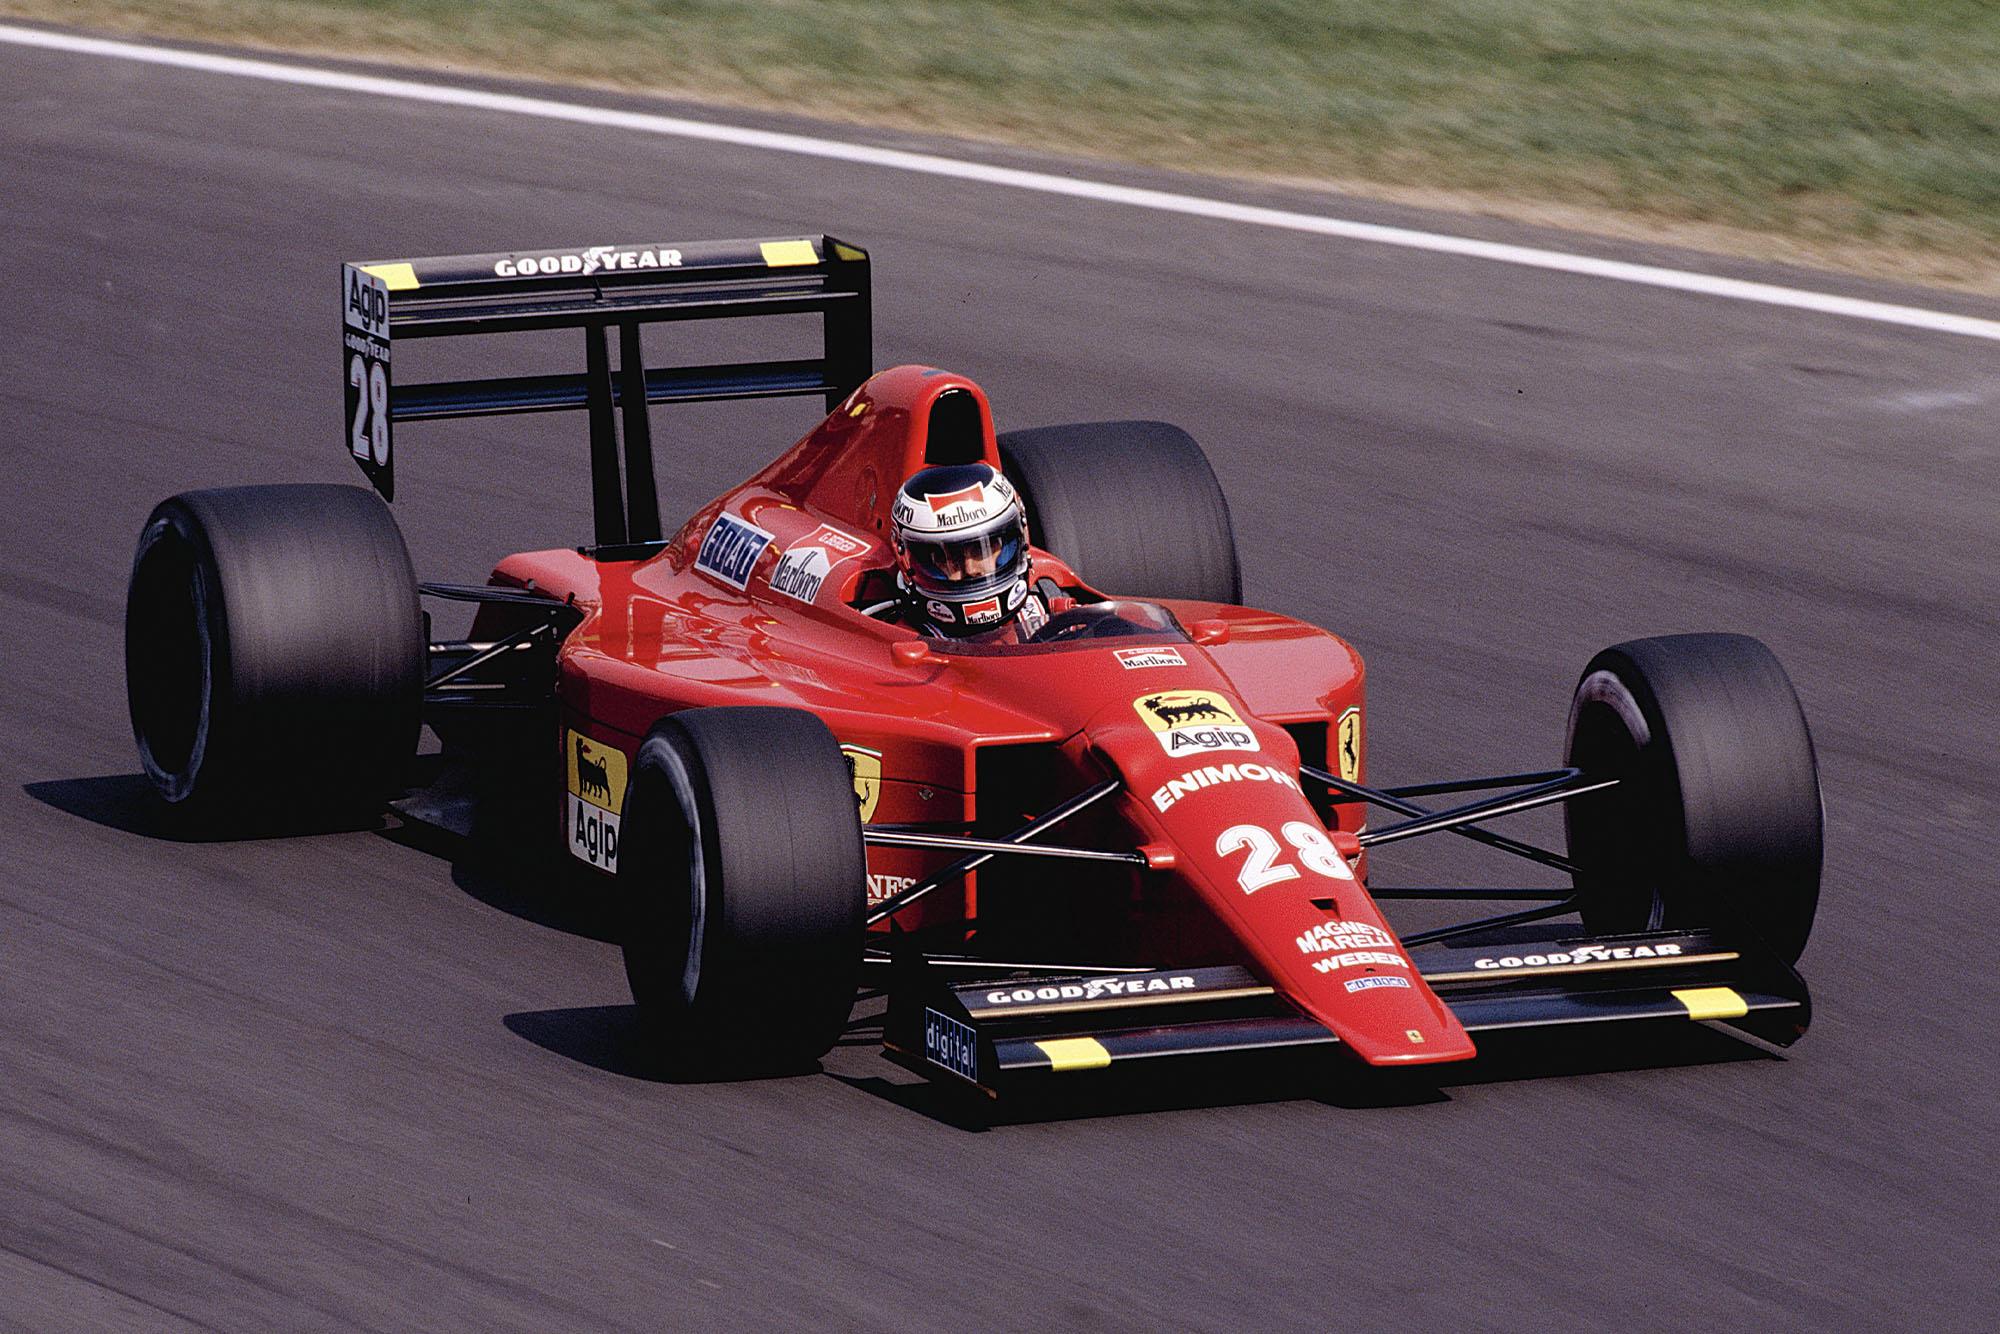 1989 ITA GP Berger Q3